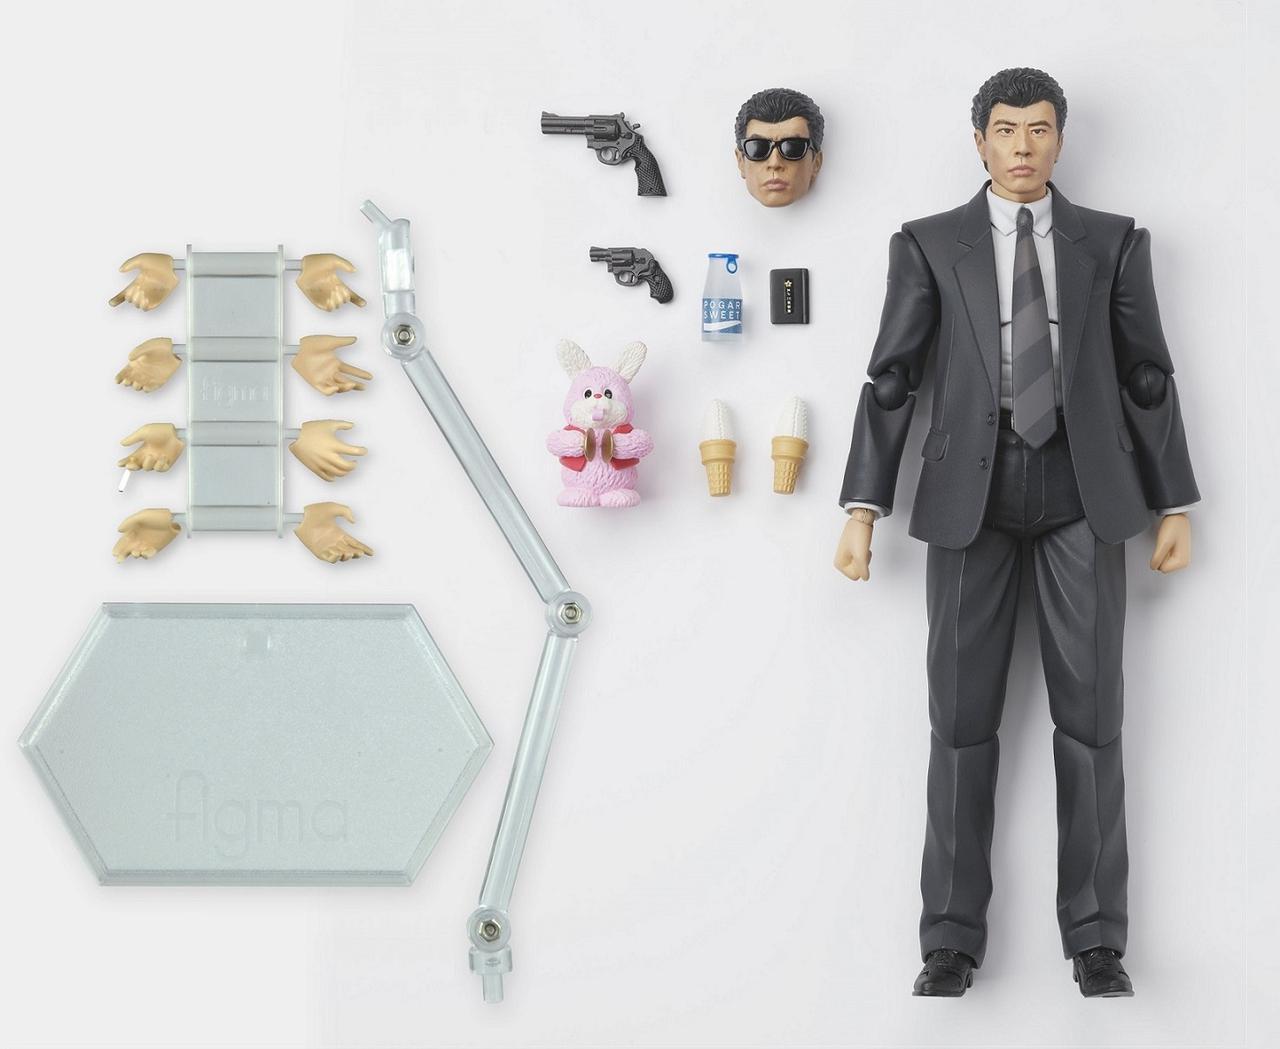 画像1: 「あぶない刑事」&「もっとあぶない刑事」、HDリマスター版Blu-rayが発売決定!タカ&ユージのフィギュアも登場